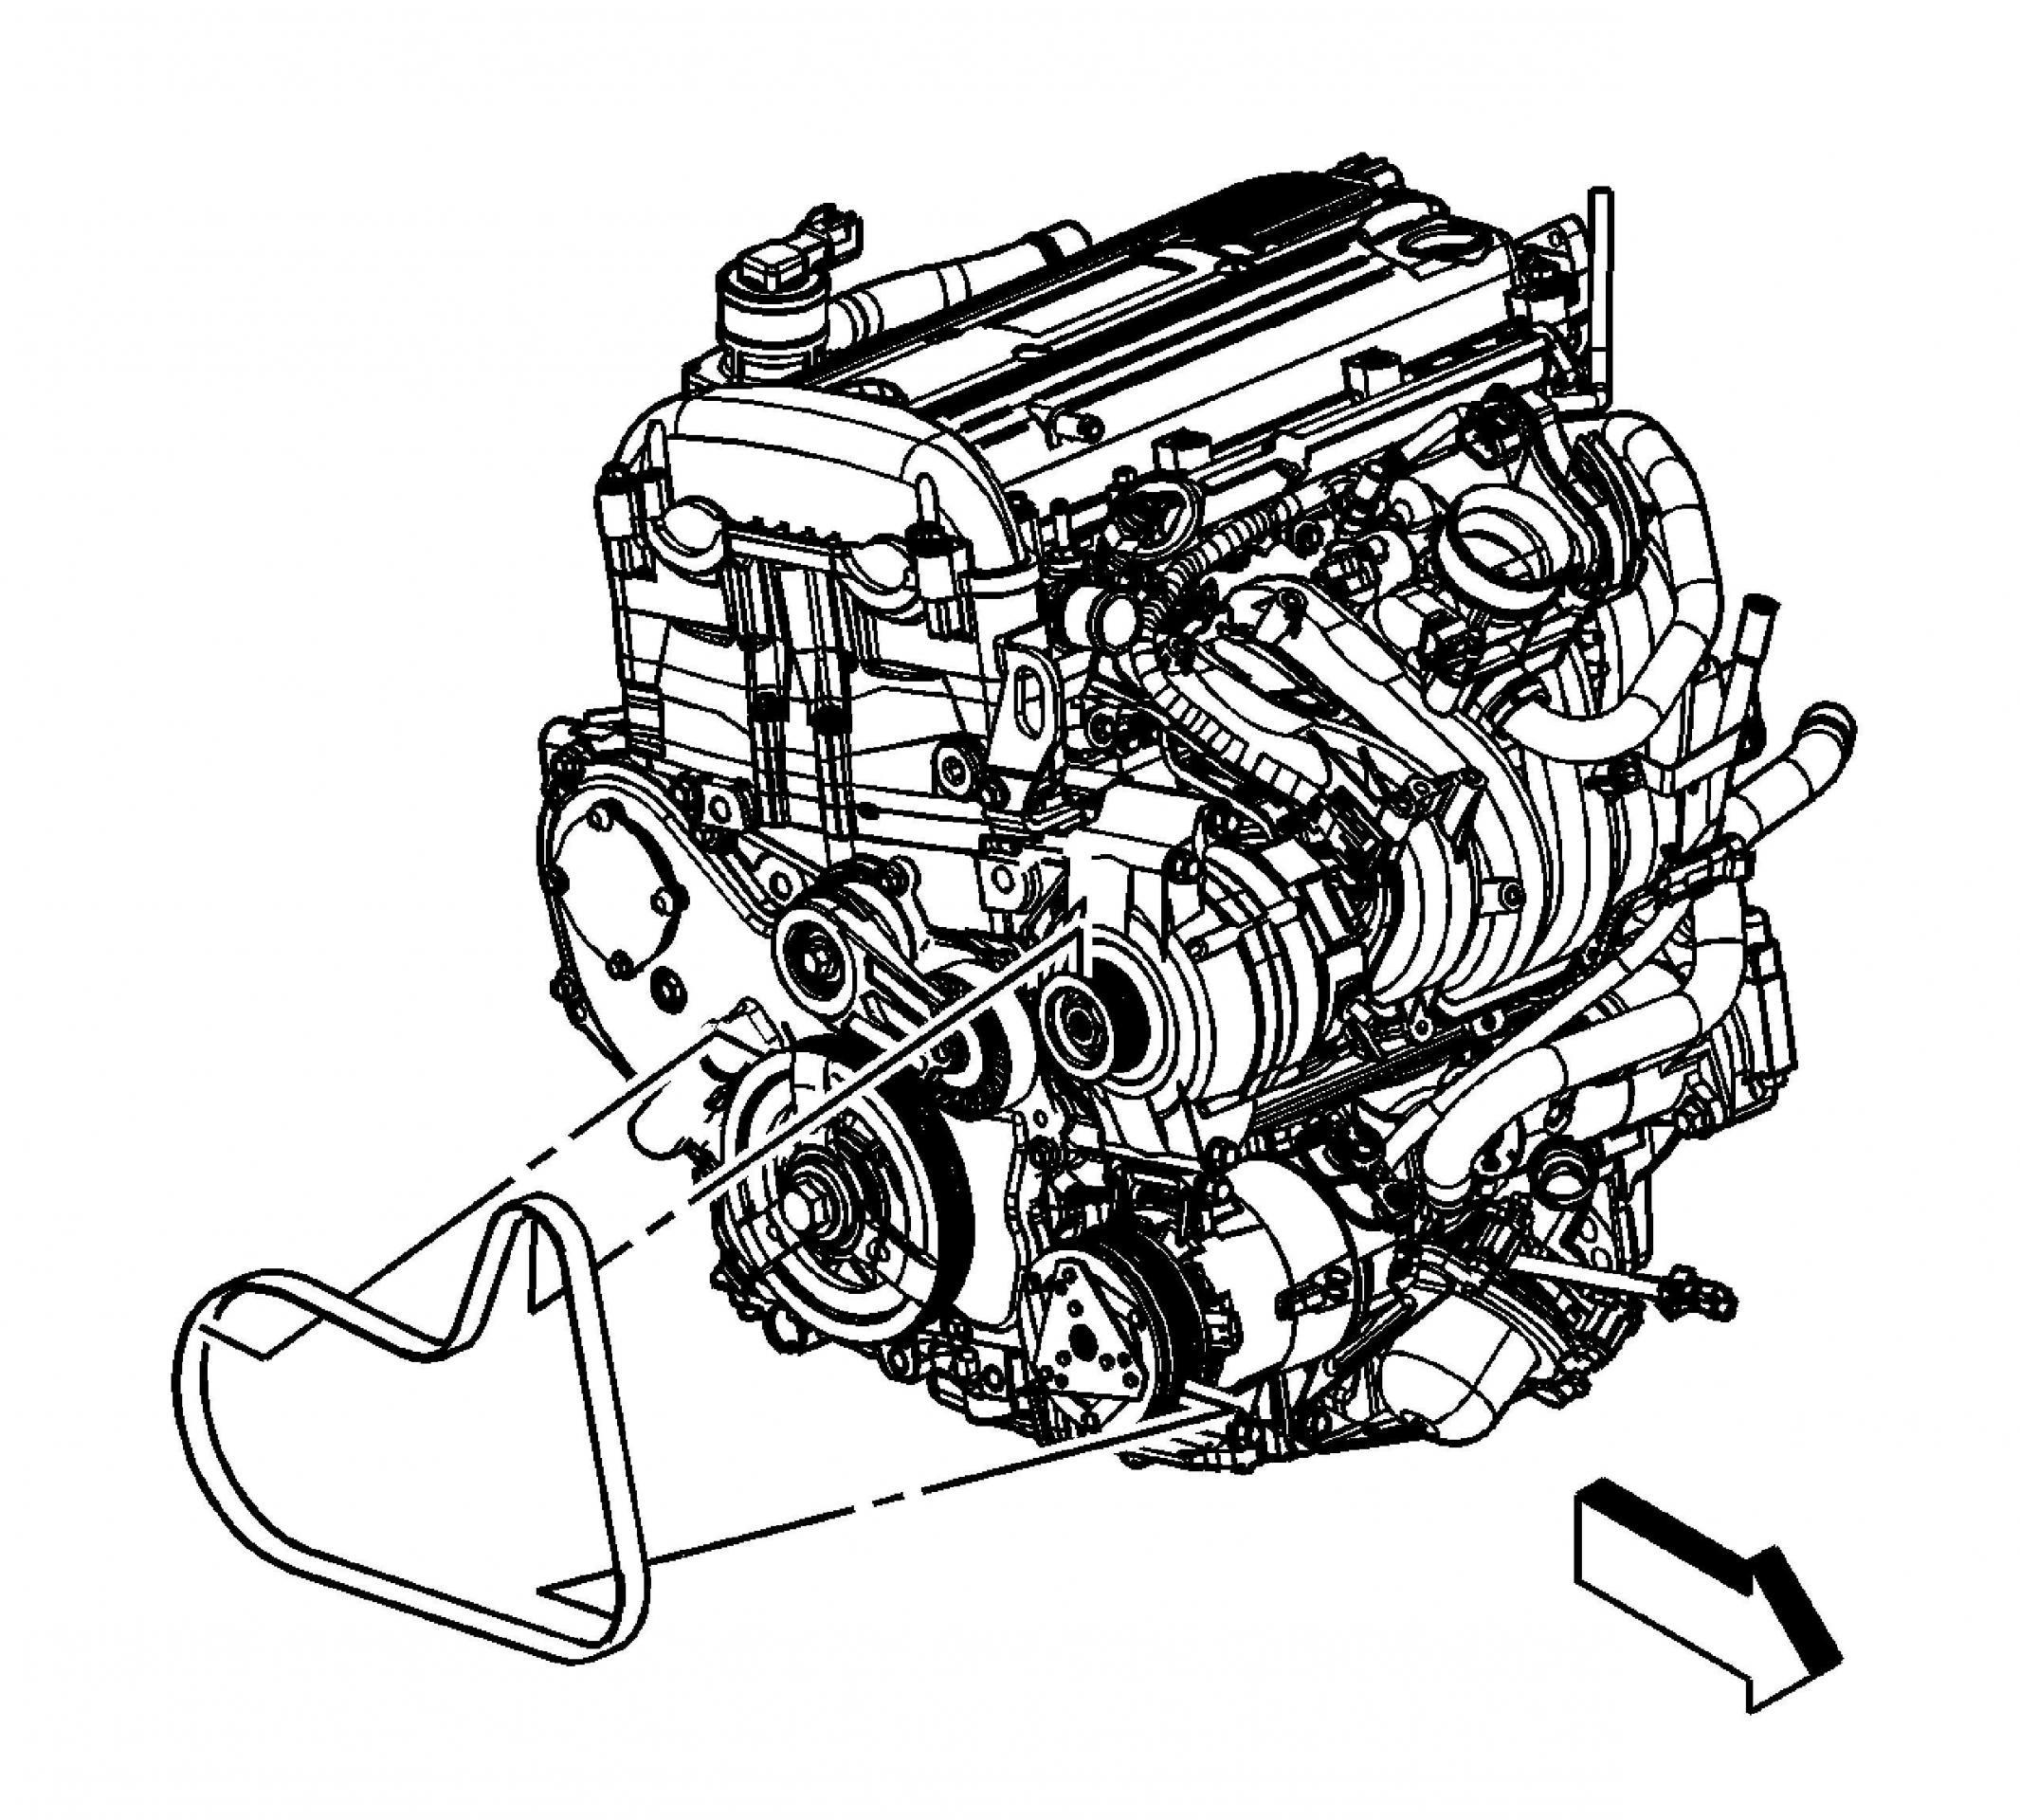 chevy cobalt engine diagram